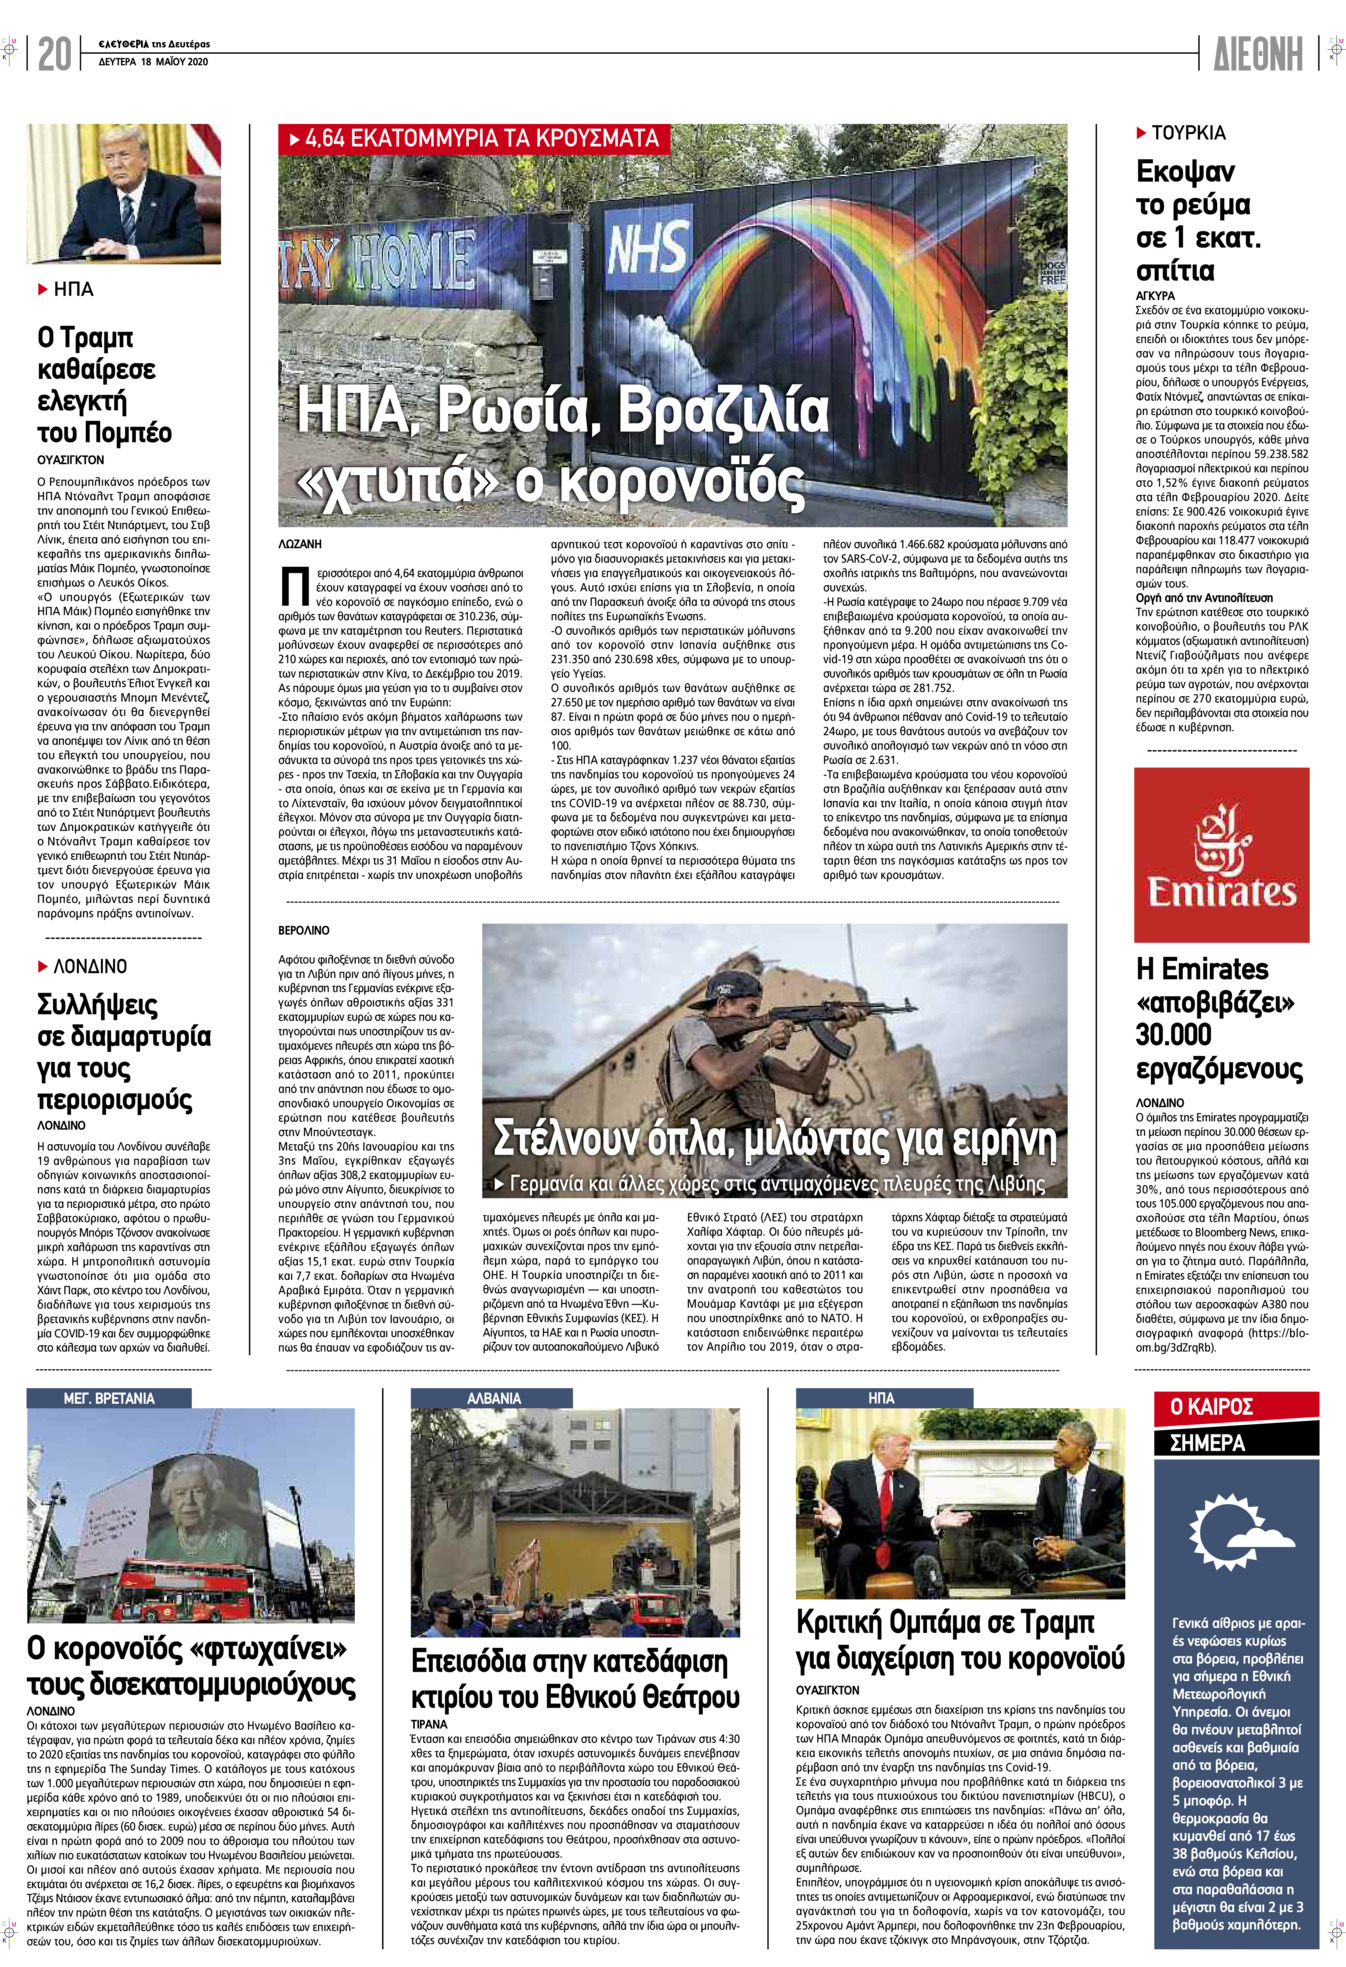 Οπισθόφυλλο εφημερίδας Ελευθερία Λάρισσας